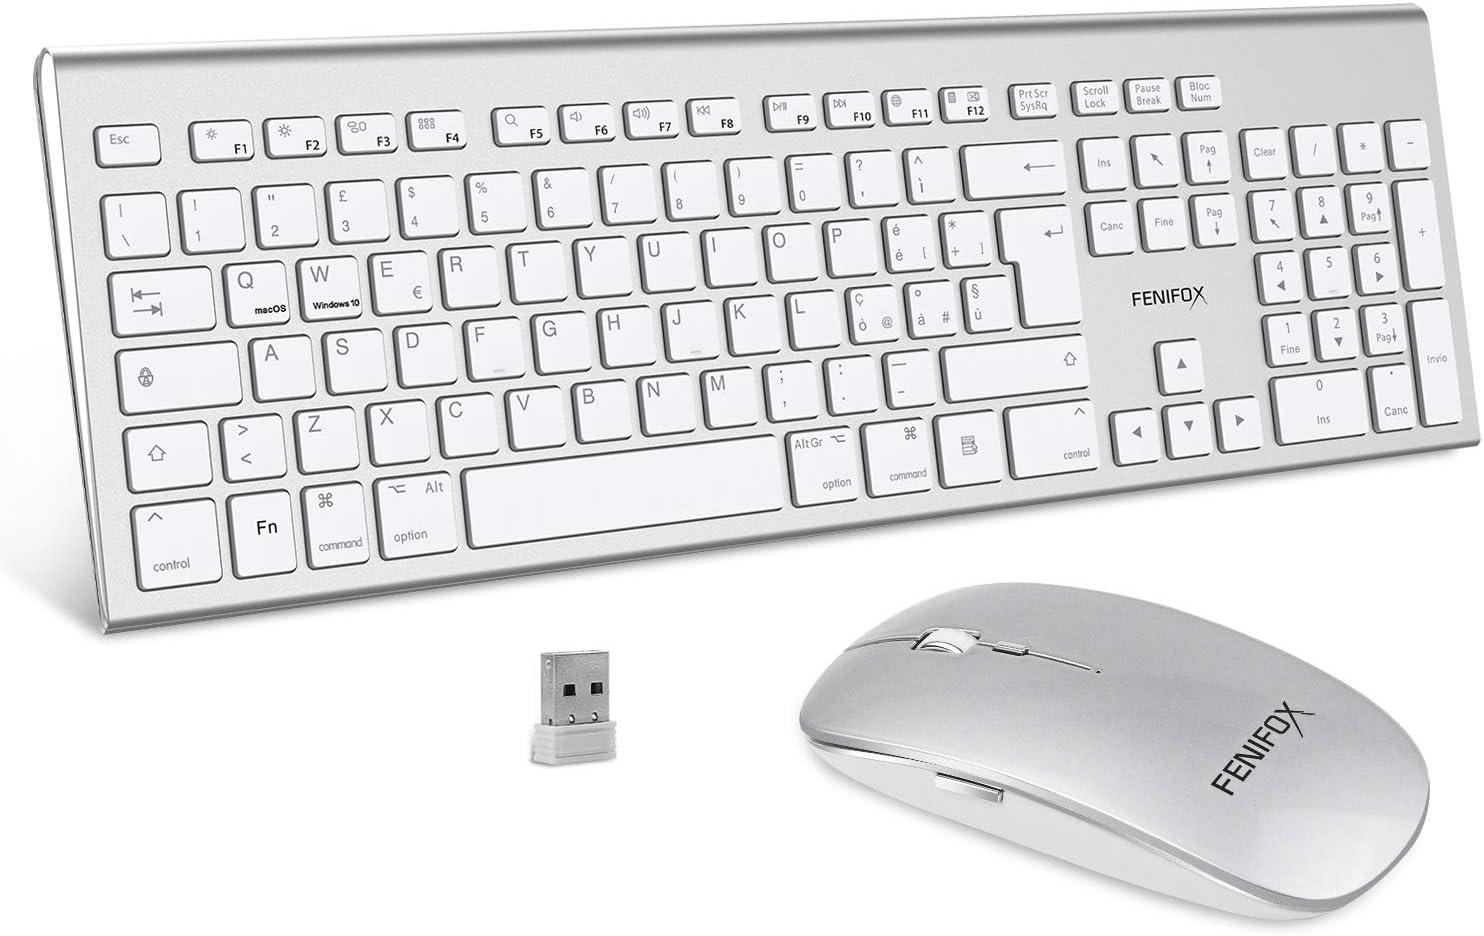 FENIFOX Teclado y Ratón inalámbrico con doble interruptor del sistema ergonómico italiano 2.4 G USB QWERTY, para Mac iMac Windows, Android, PC, computadora, computadora portátil, TV (blanco)